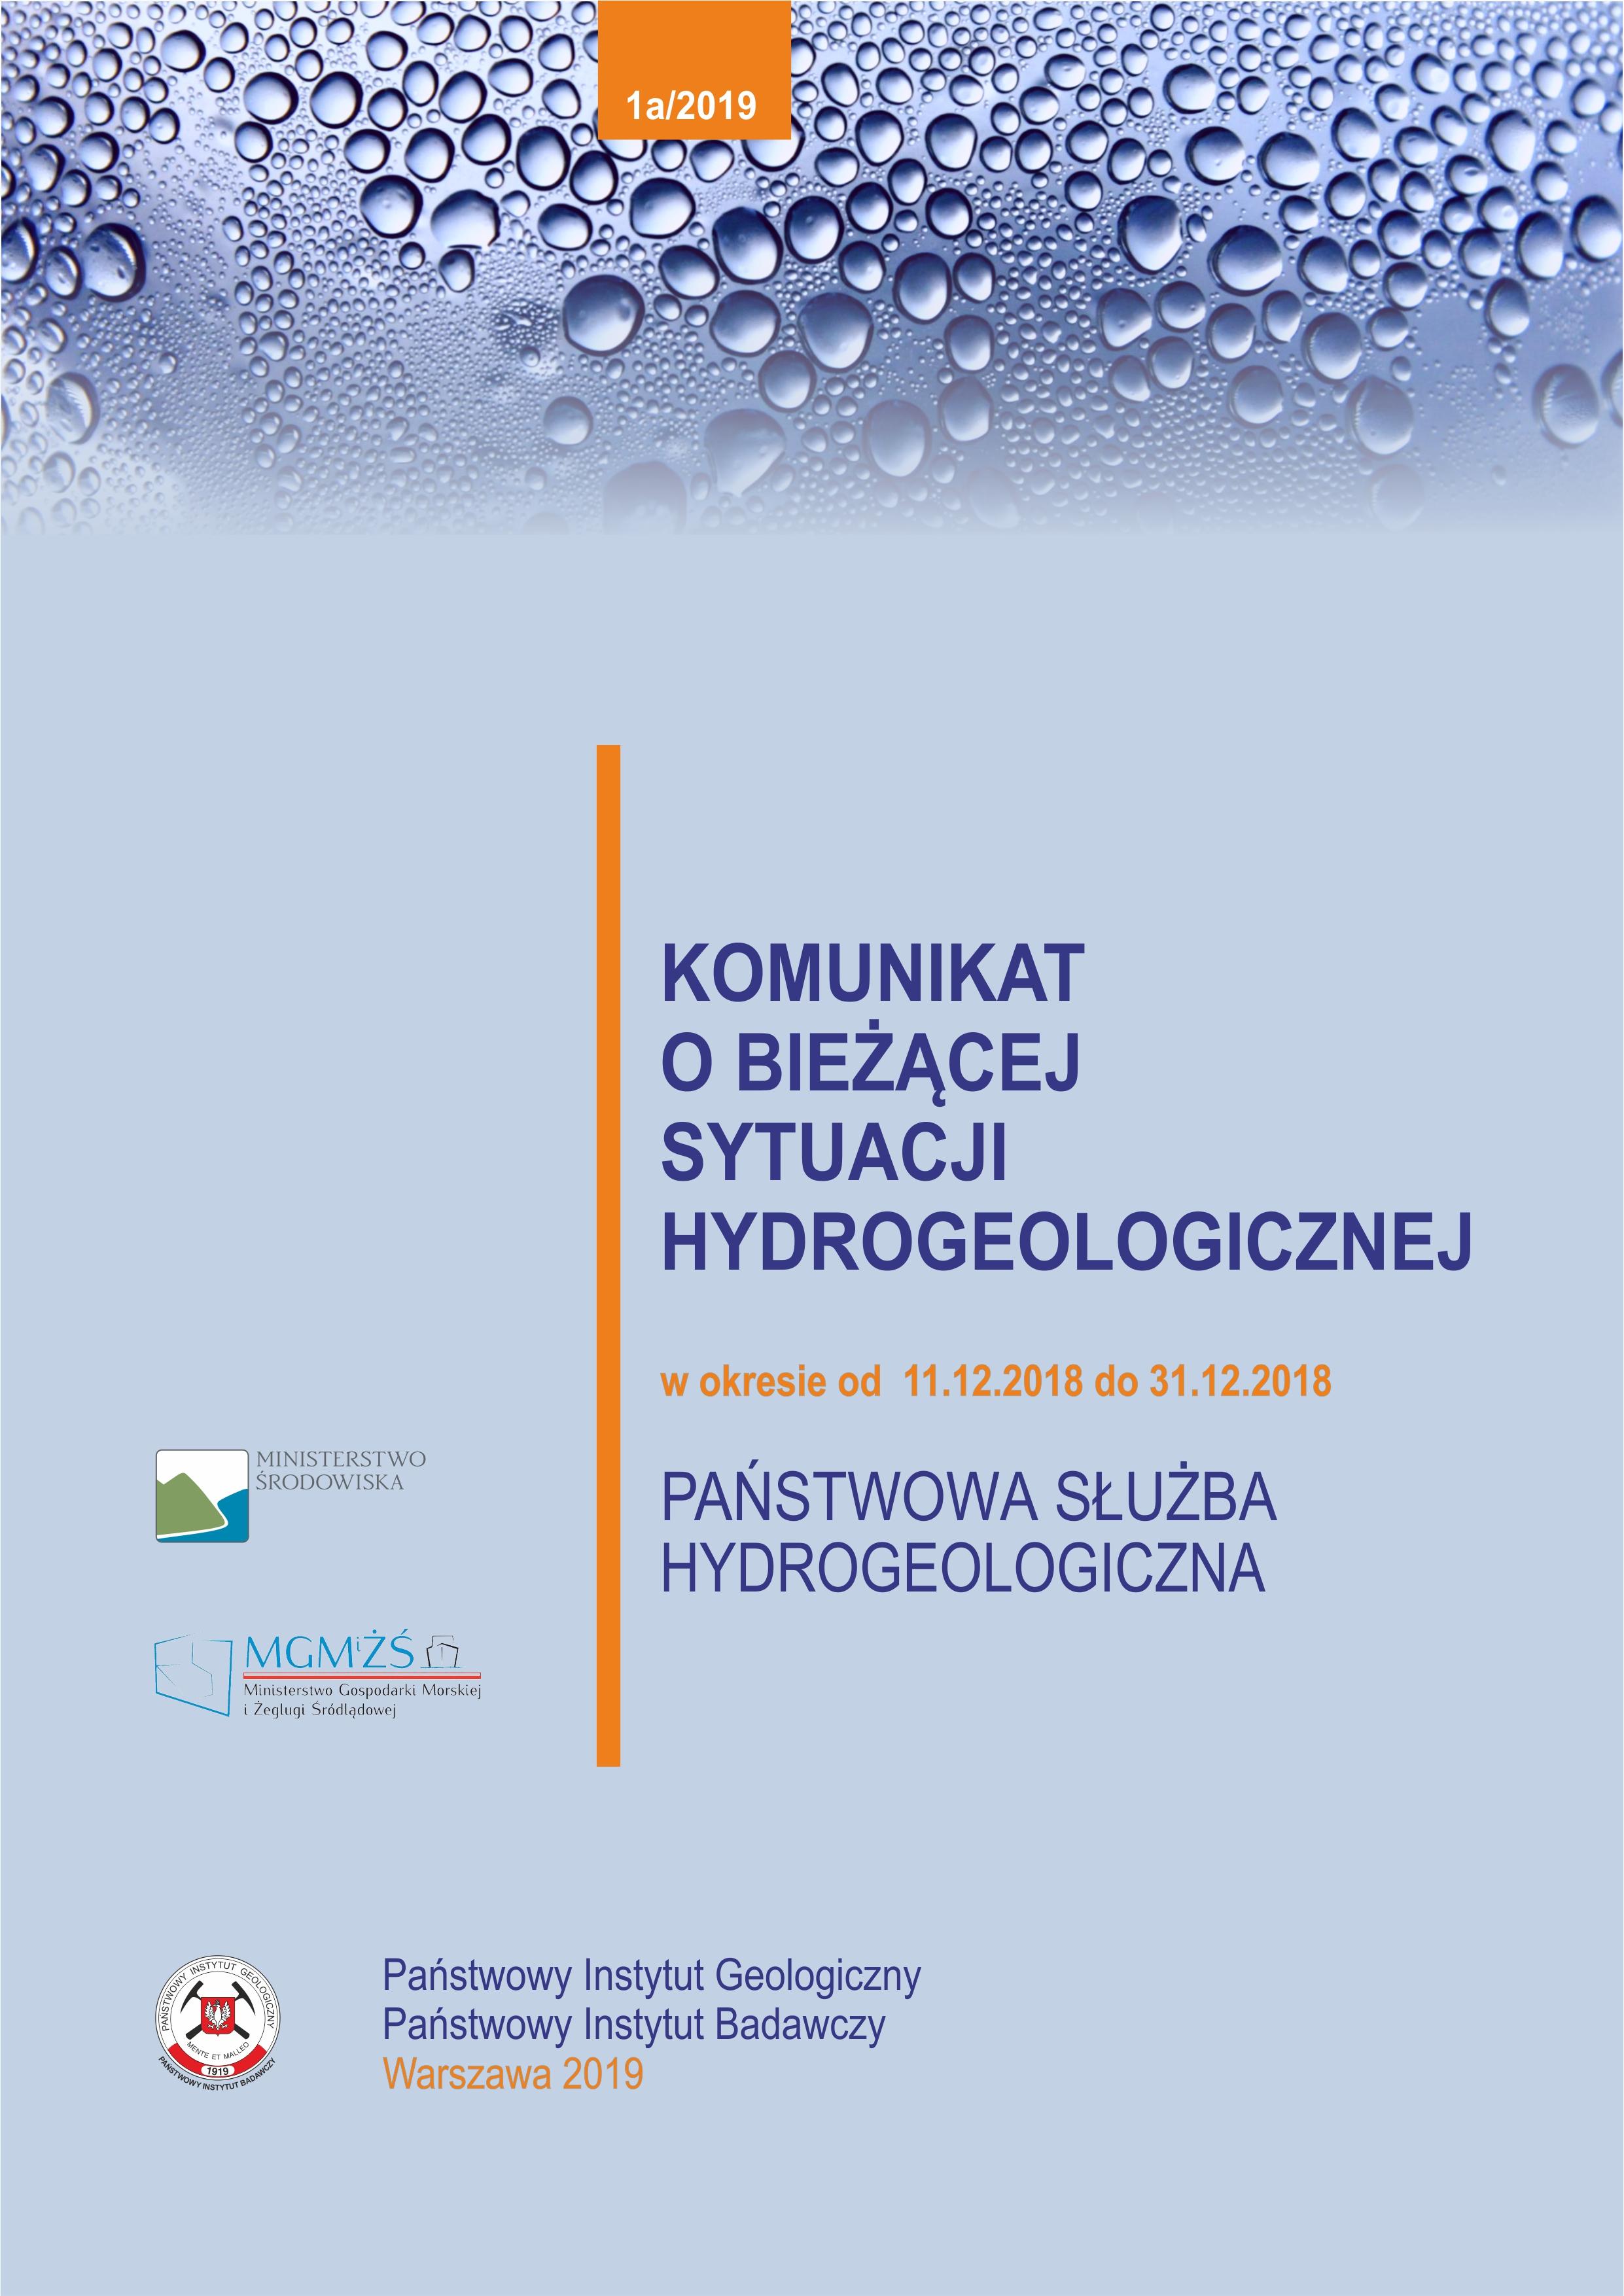 Komunikat o bieżącej sytuacji hydrogeologicznej w okresie 11.12.2018 - 31.12.2018